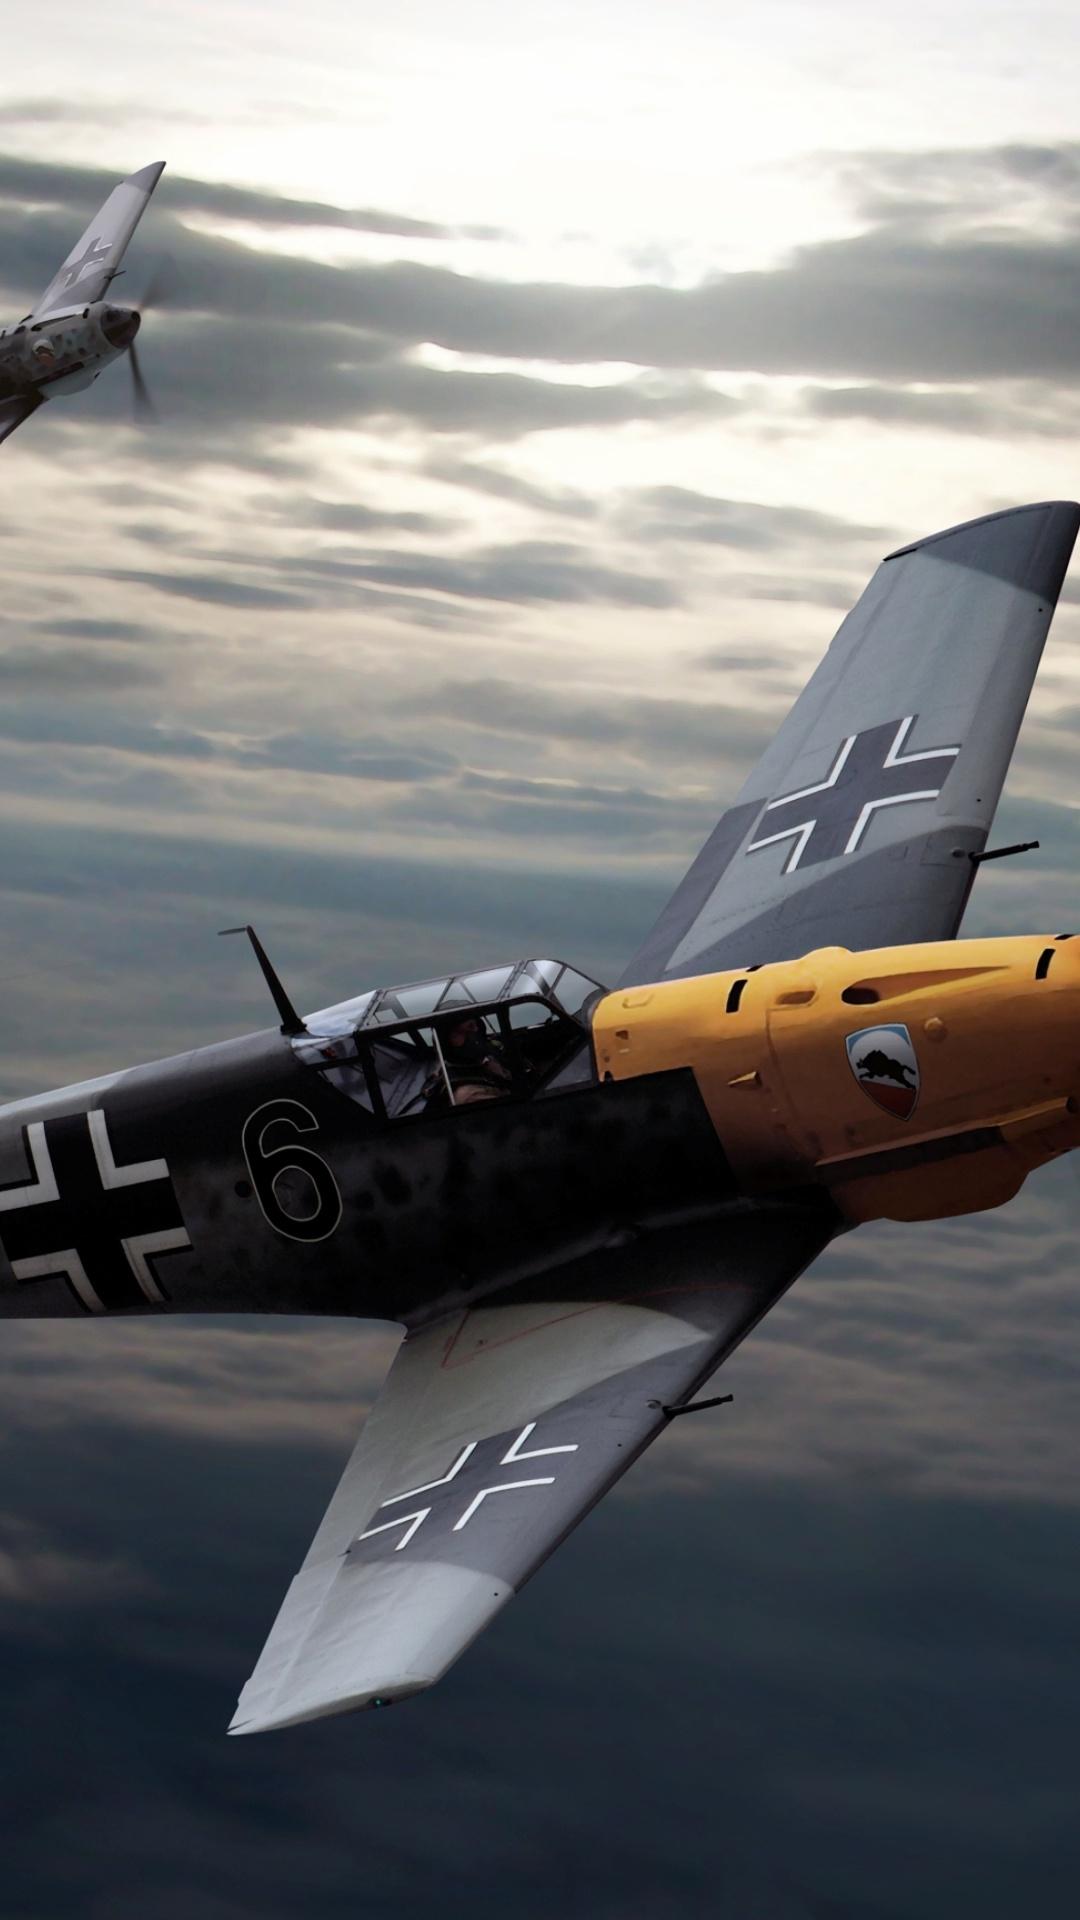 messerschmitt bf 109 german world war ii fighter aircraft